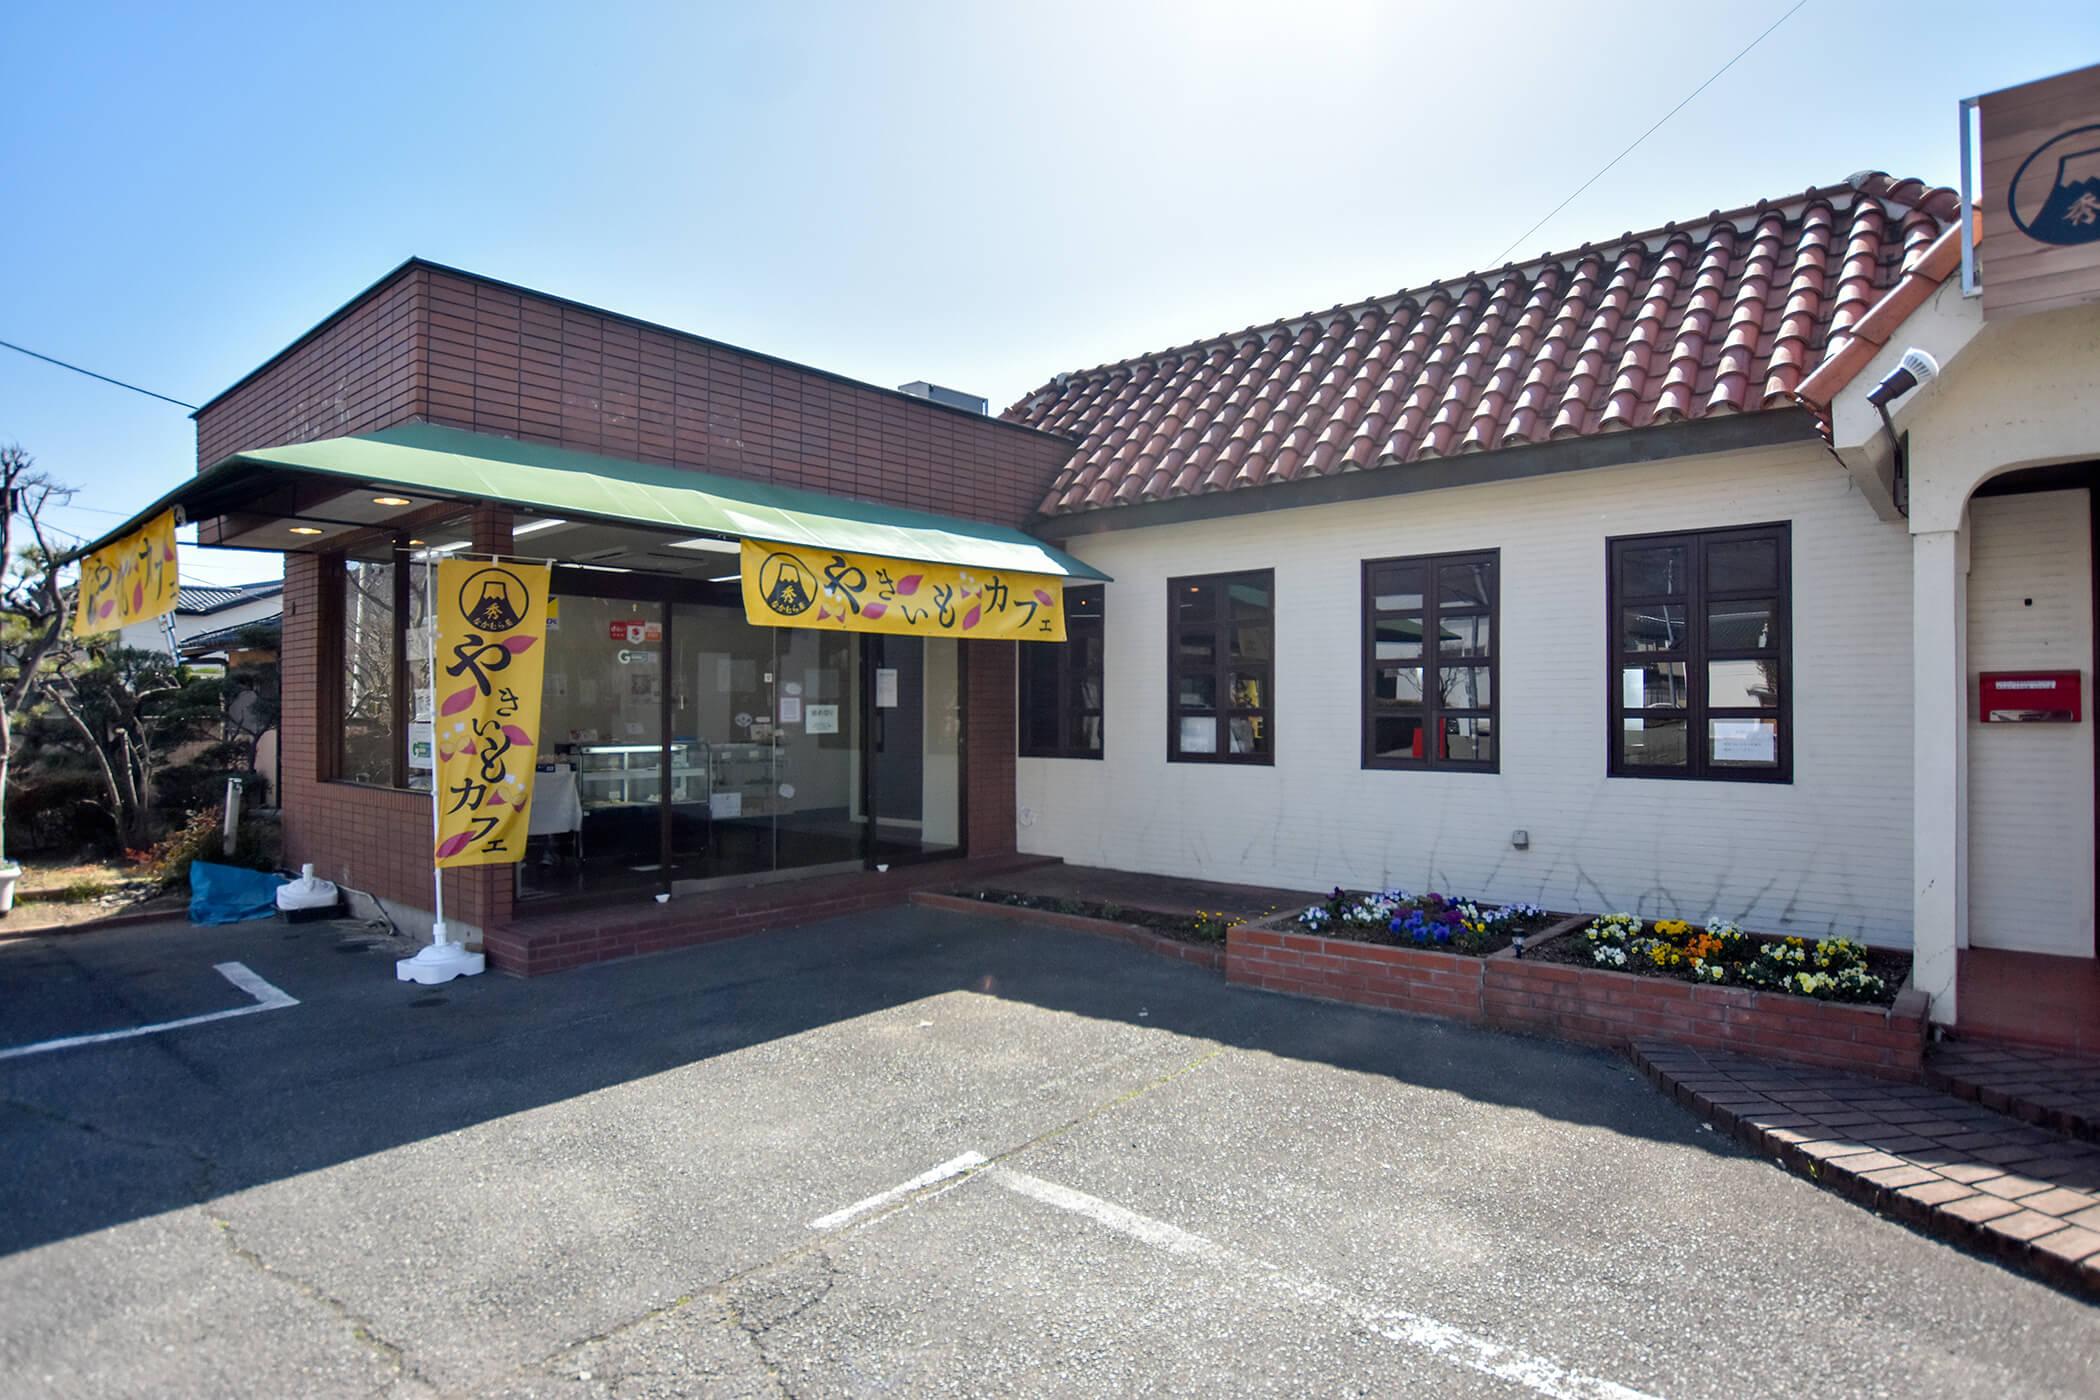 焼き芋カフェ なかむら屋 写真2